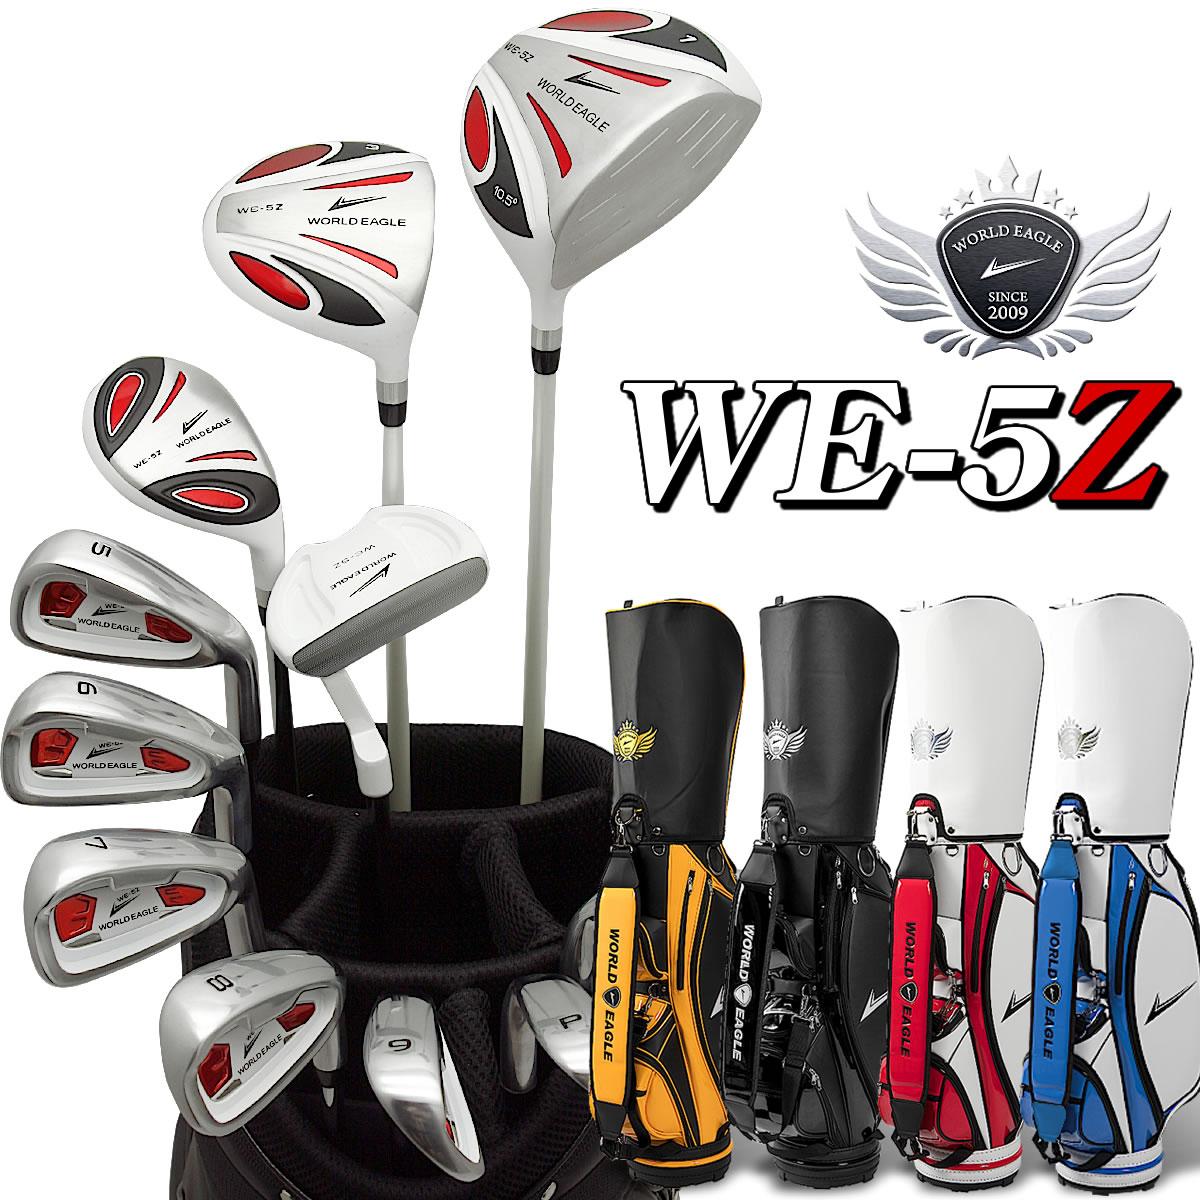 ワールドイーグル 5Z-WHITE CBXカートバック 14点ゴルフクラブセット 右利き用 選べるバッグ【あす楽】